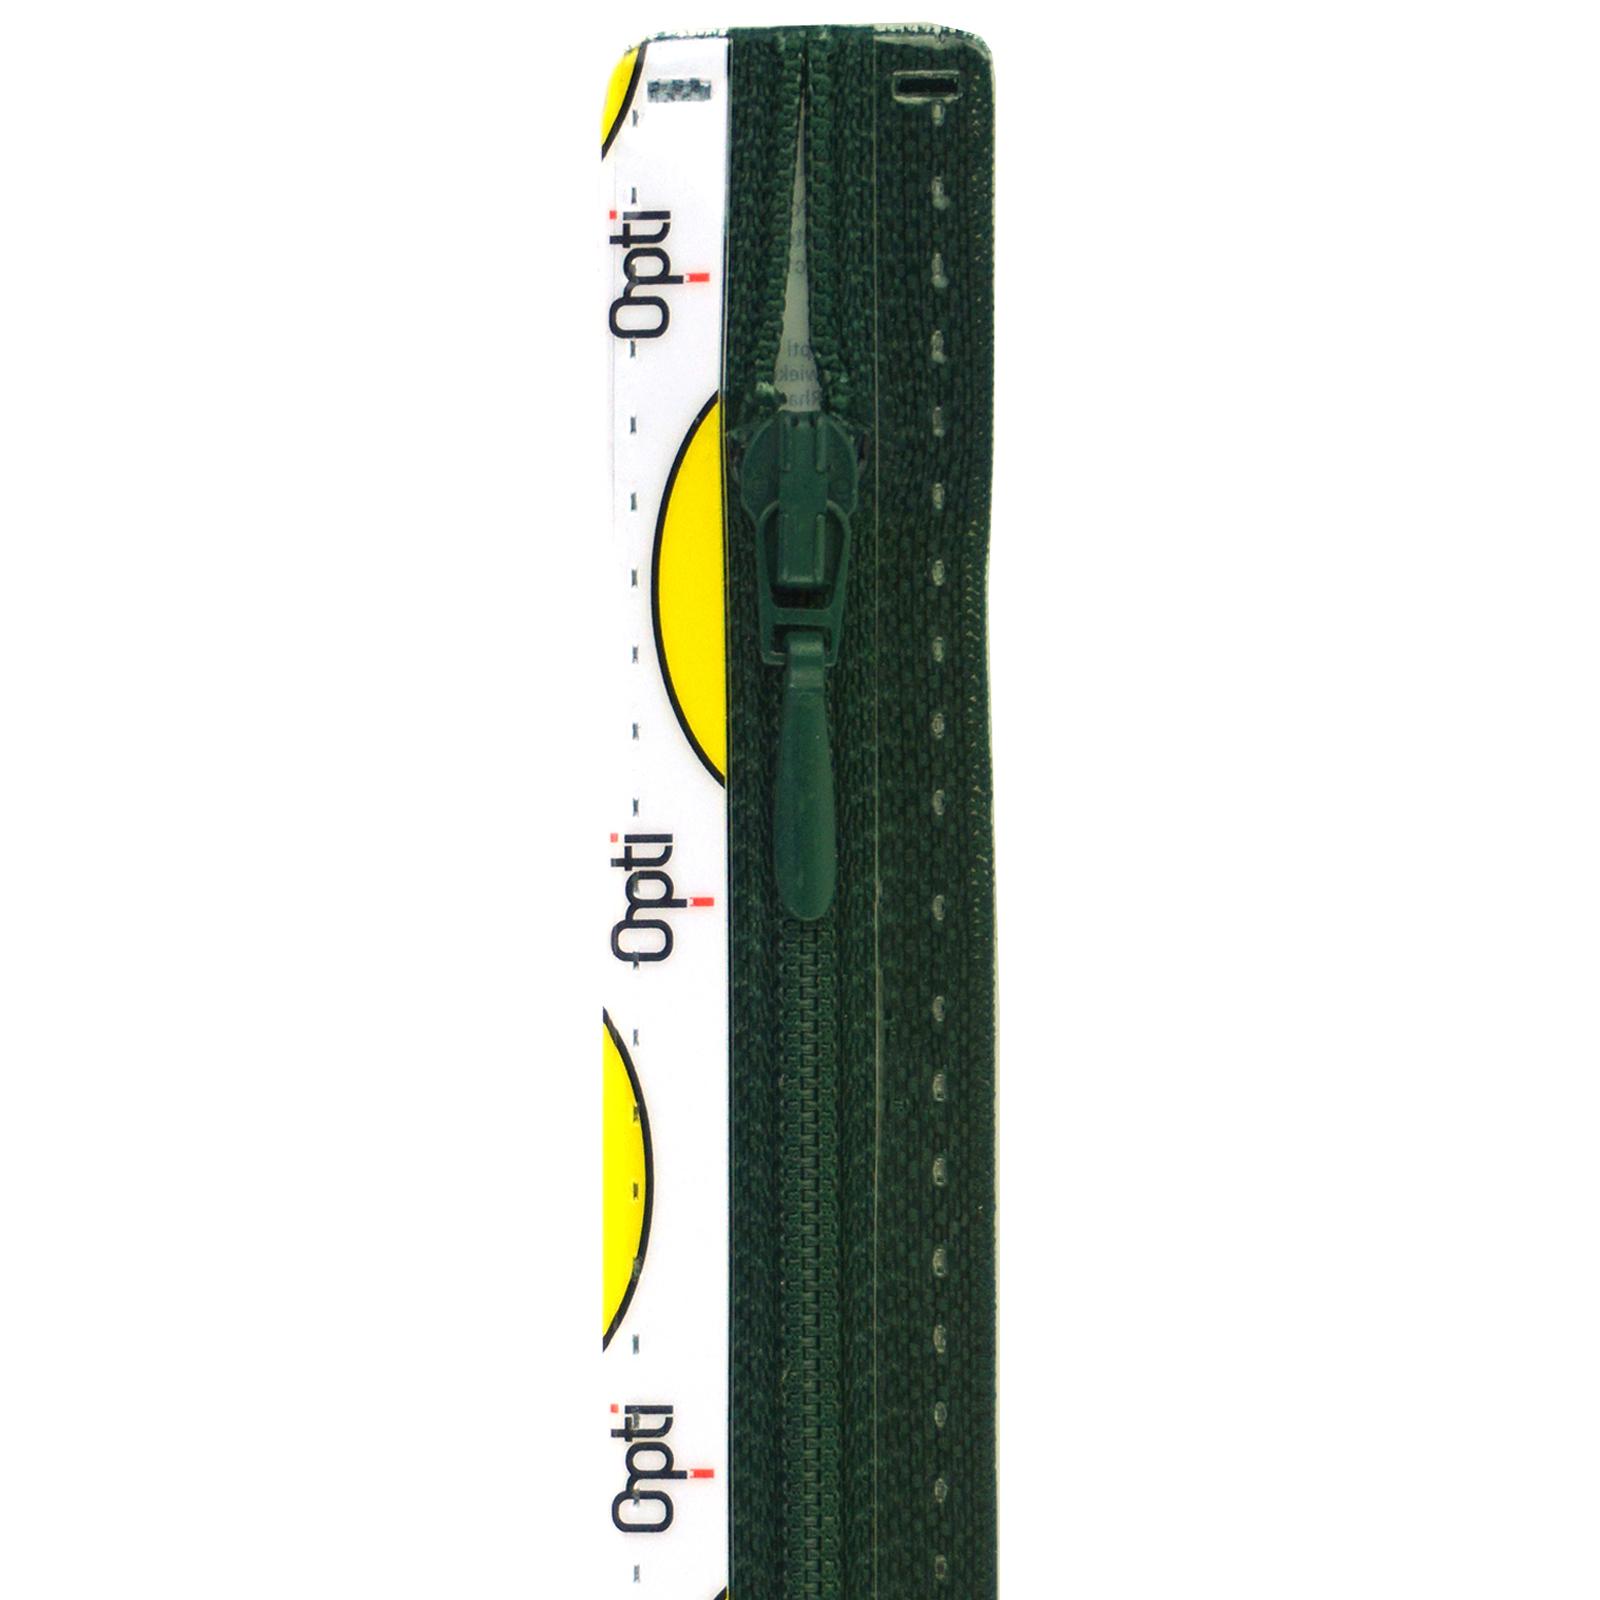 Rits;Opti-Lon S40 Donker Groen-461